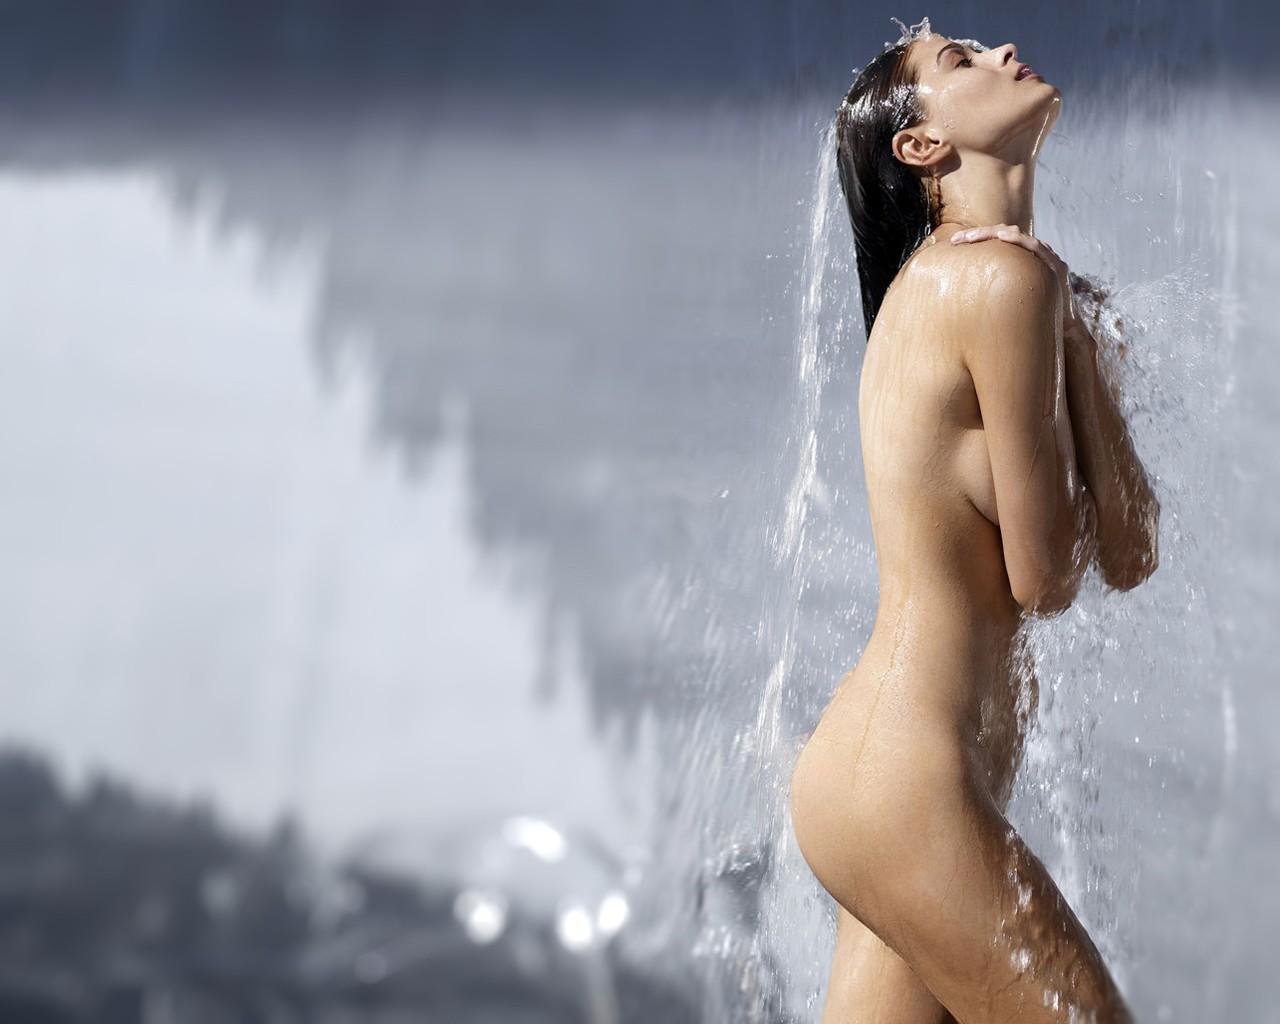 Эротика пороно девушка фото под дождем 26 фотография